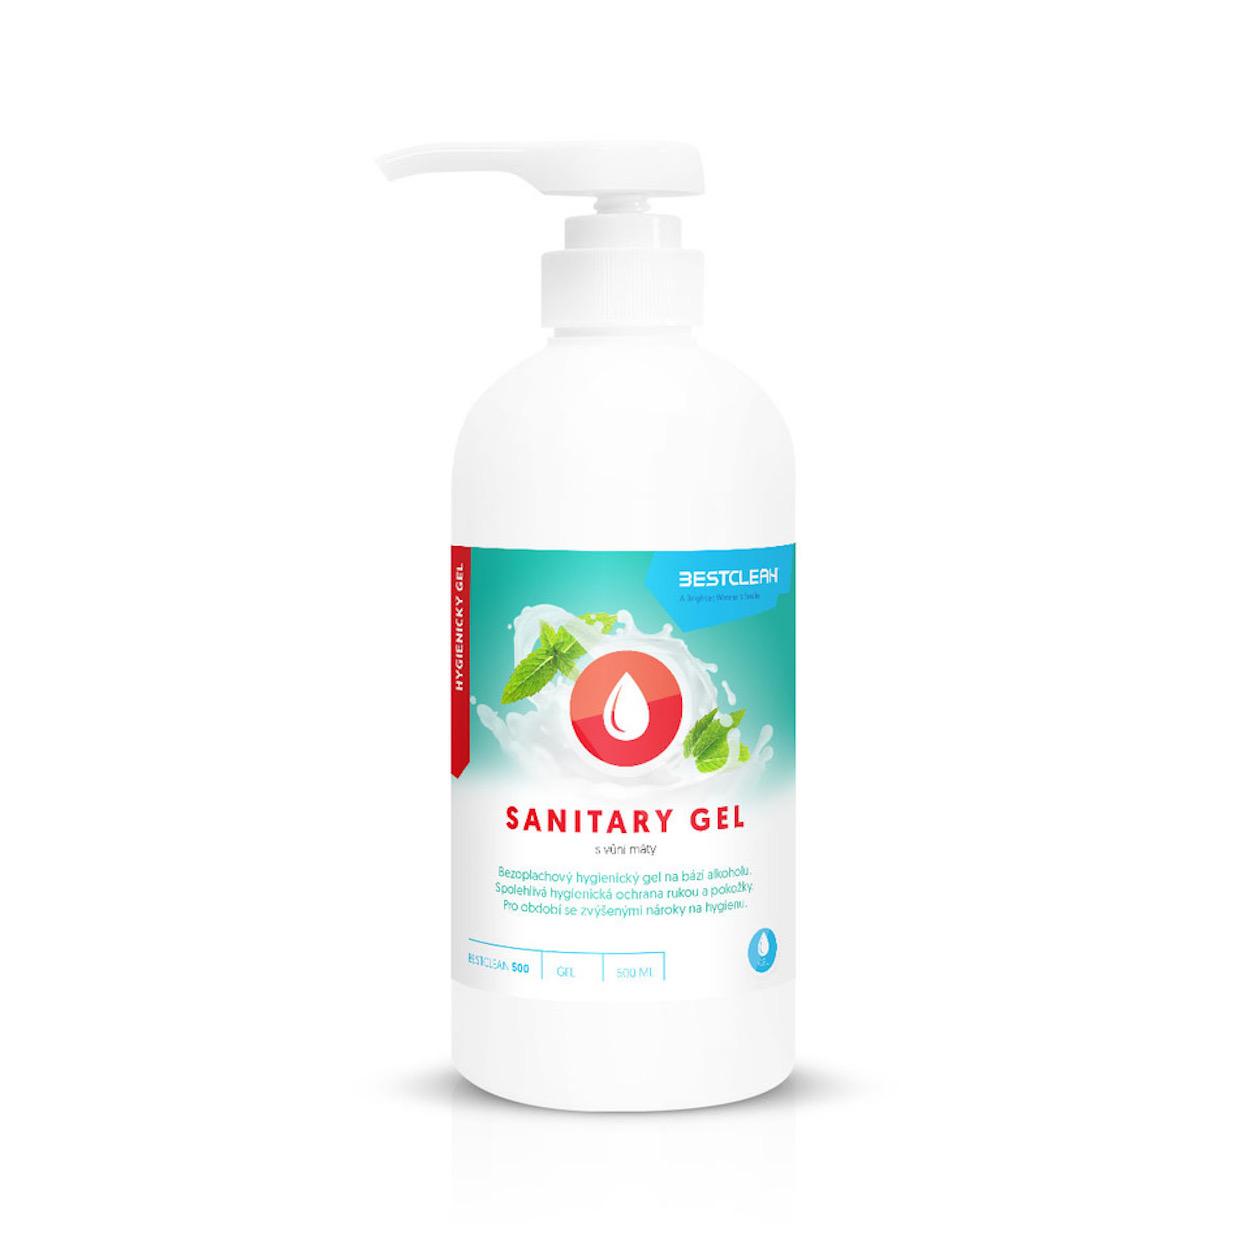 Bezoplachový hygienický gel na ruce s pumpičkou, máta, 500 ml